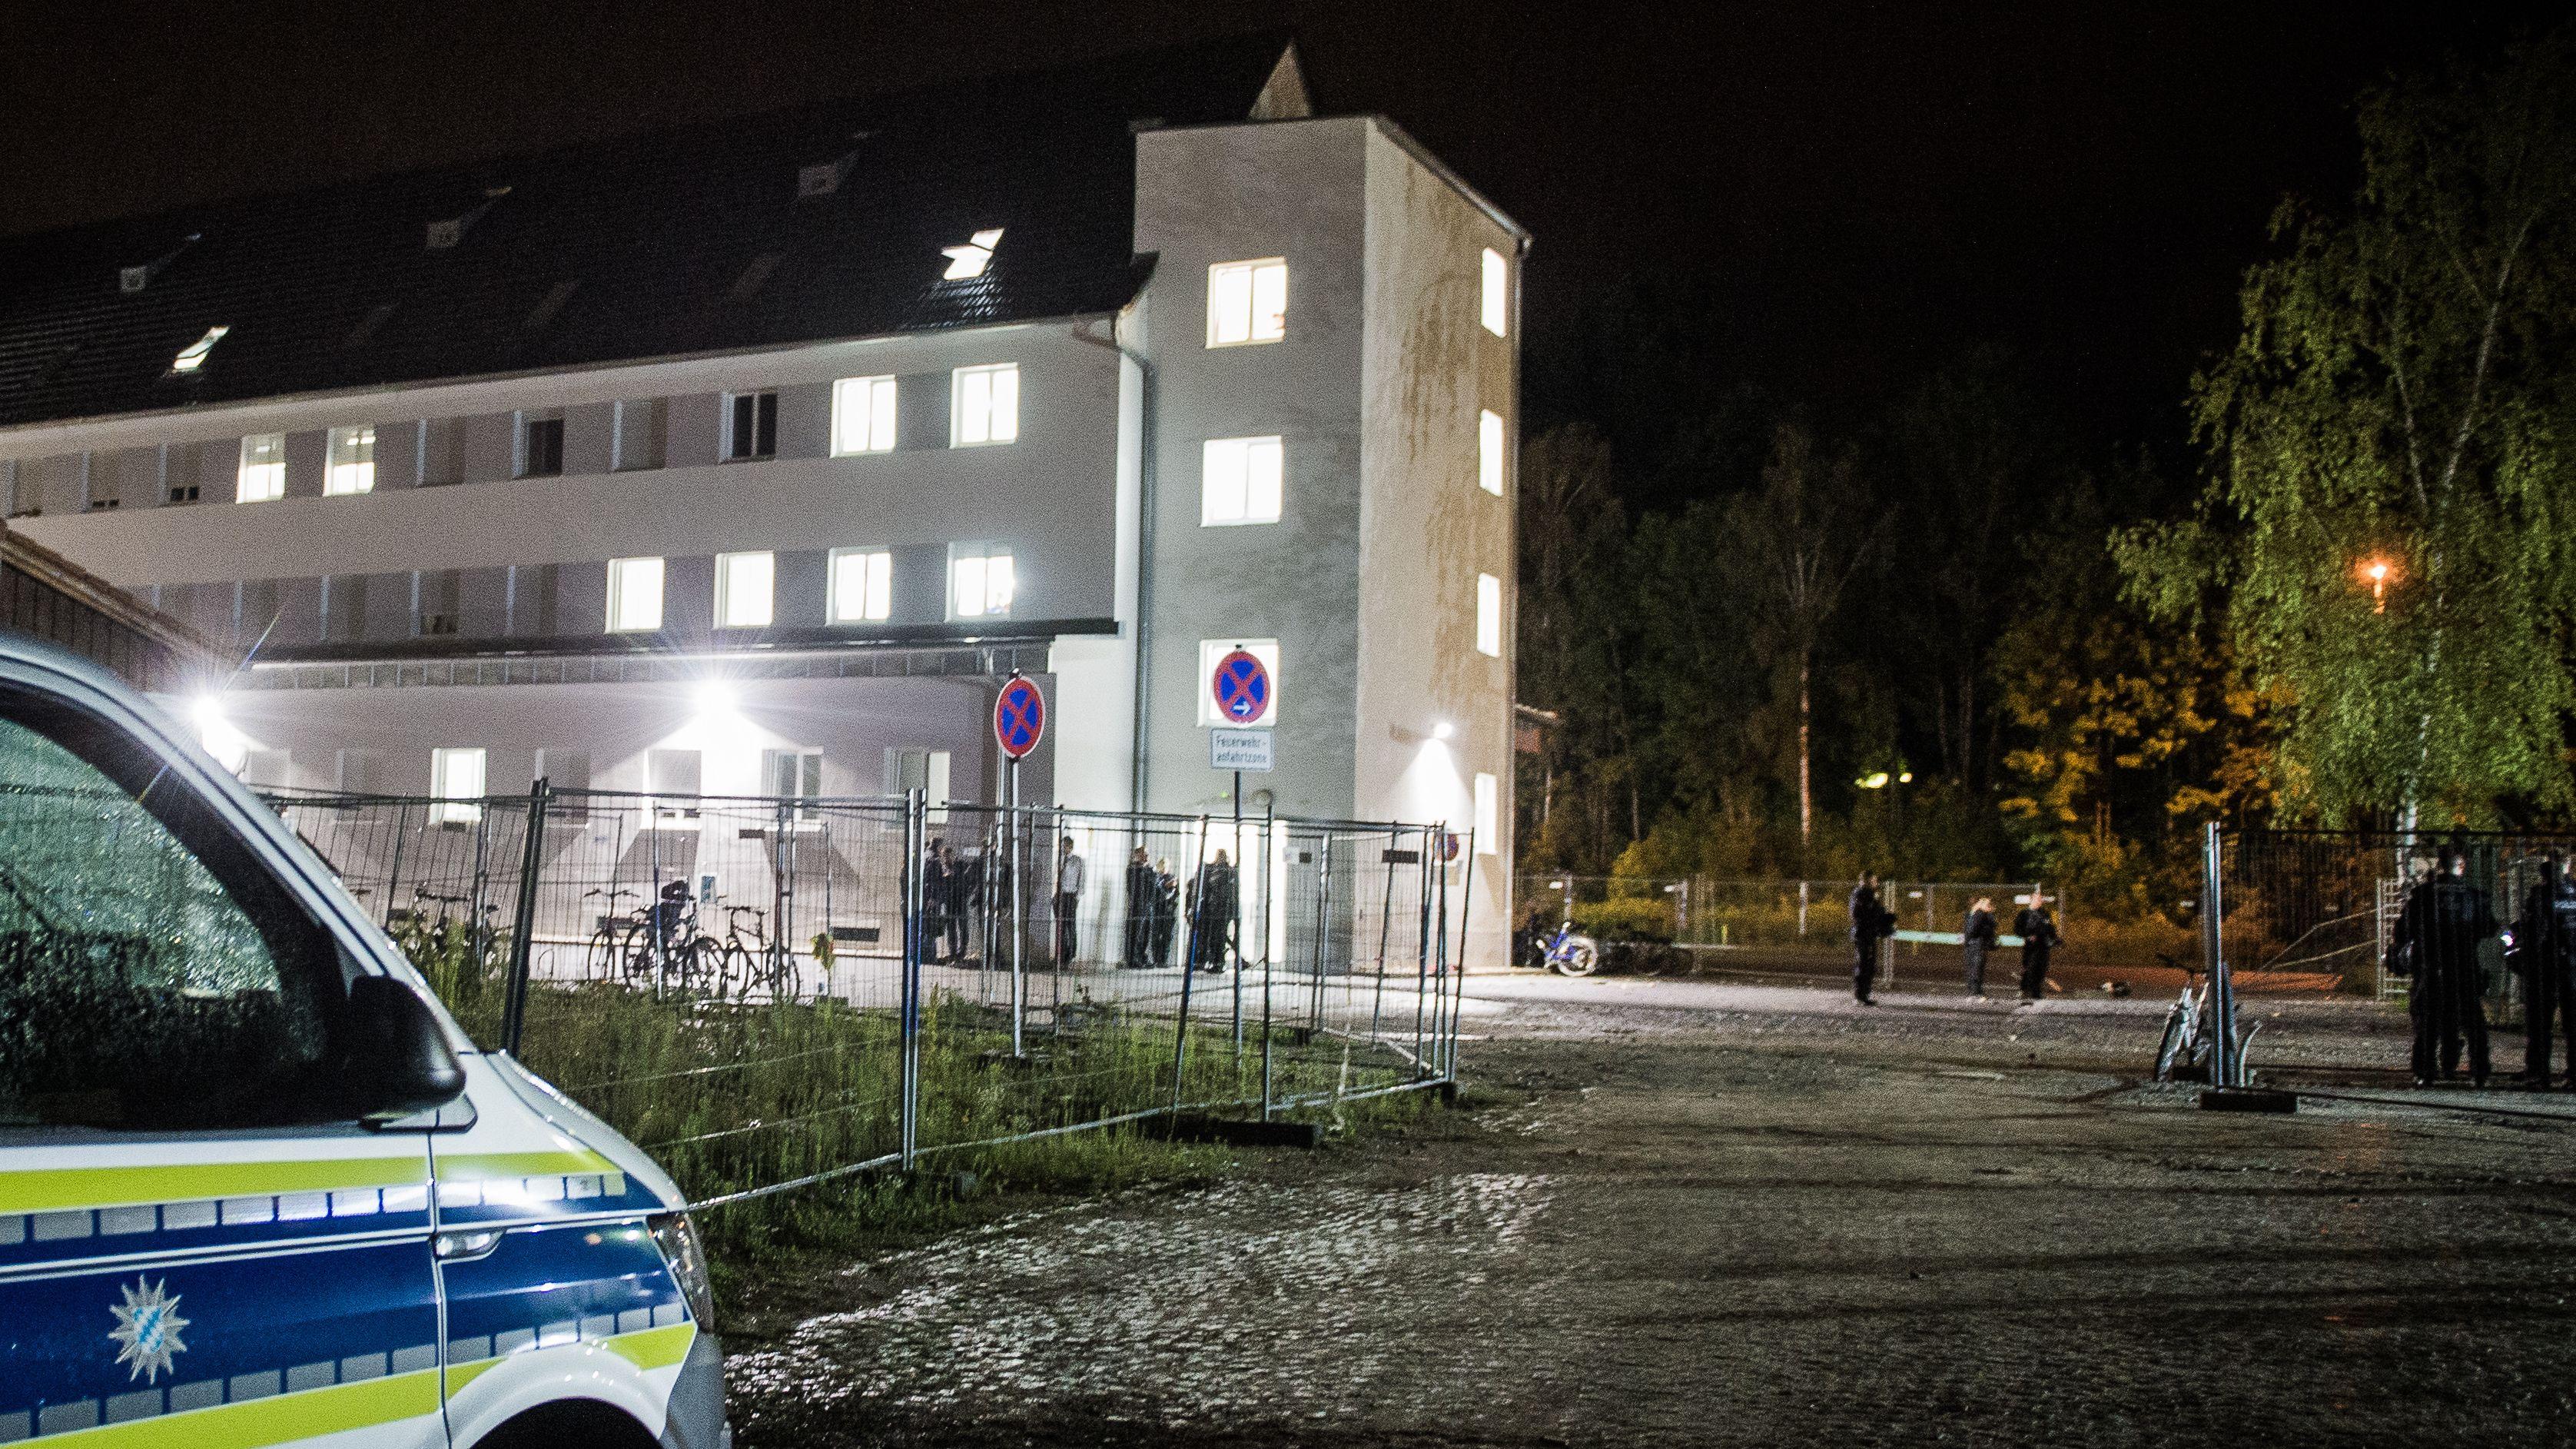 In der Nacht der Ausschreitung: Ein Polizeiwagen vor dem Ankerzentrum Deggendorf